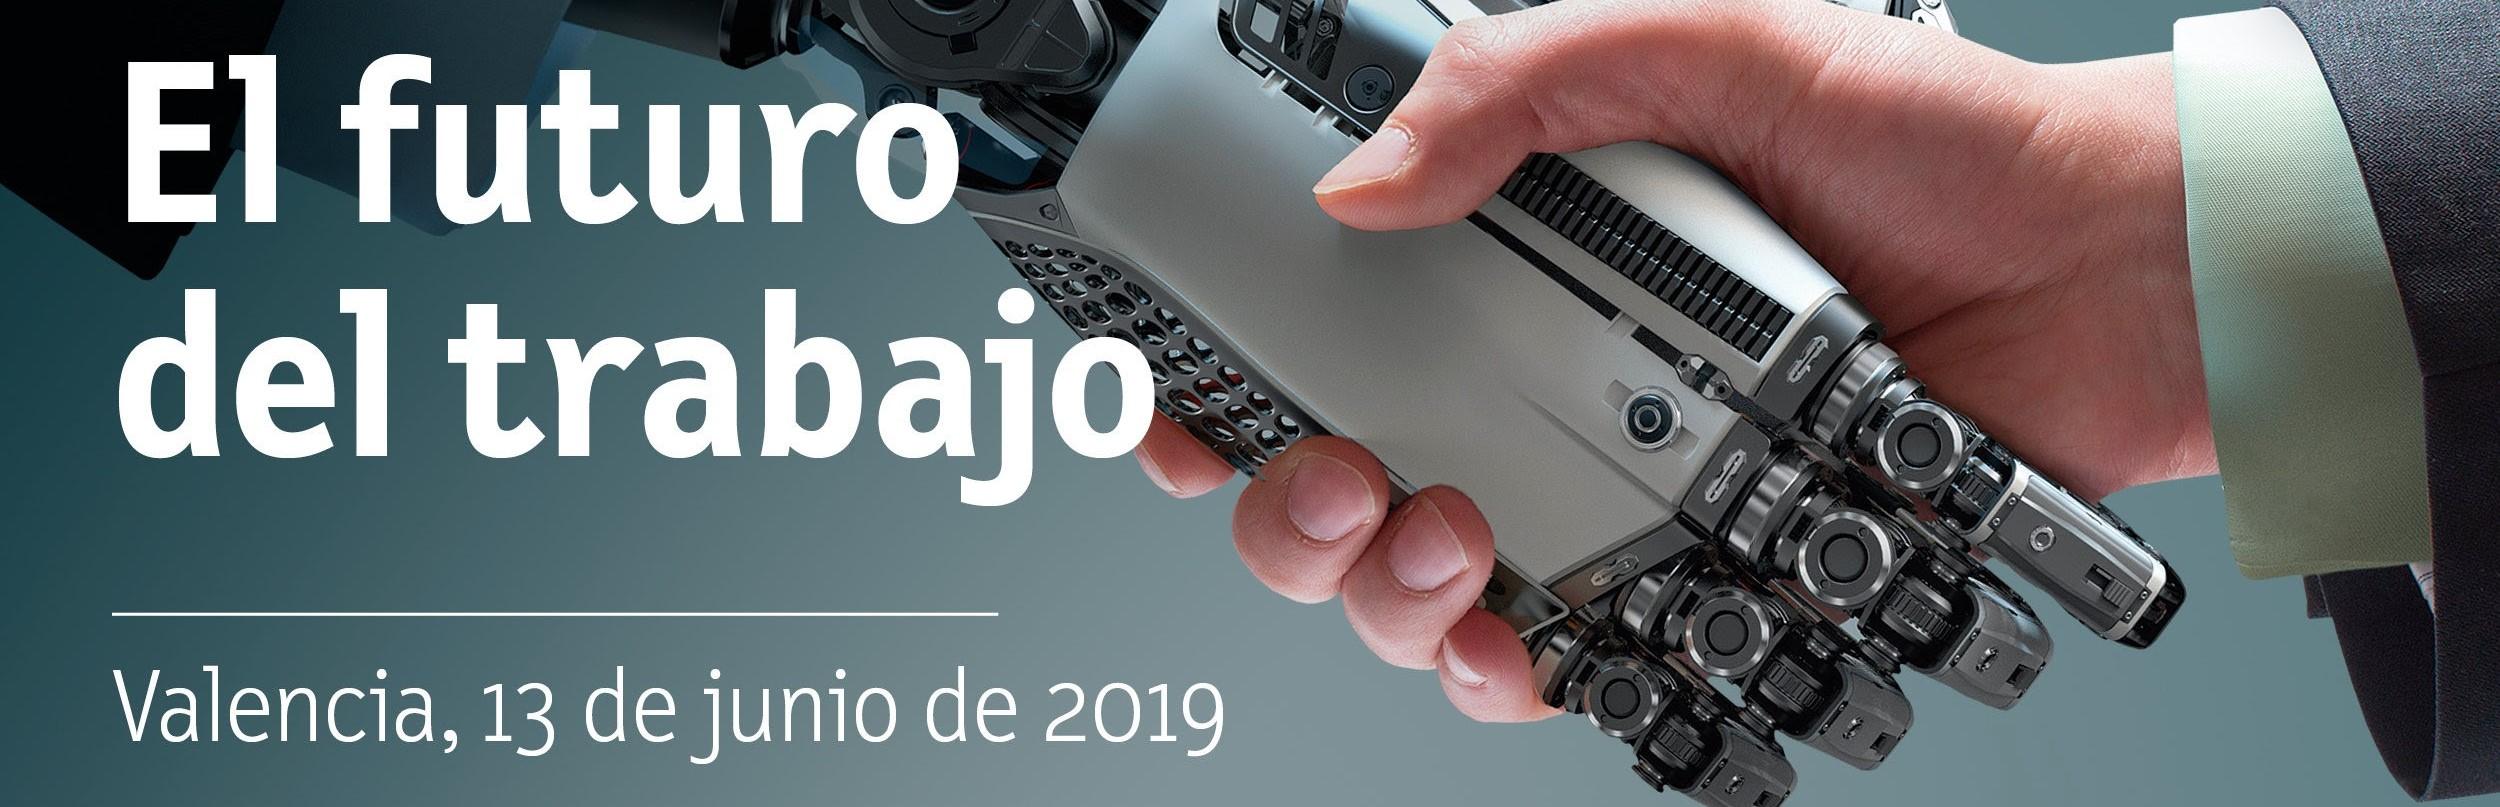 La hegemonía tecnológica frente a la persona, GNOSS y Corporate Excellence debaten sobre tecnología y humanismo en el 7º Simposio de Empresas con rostro humano